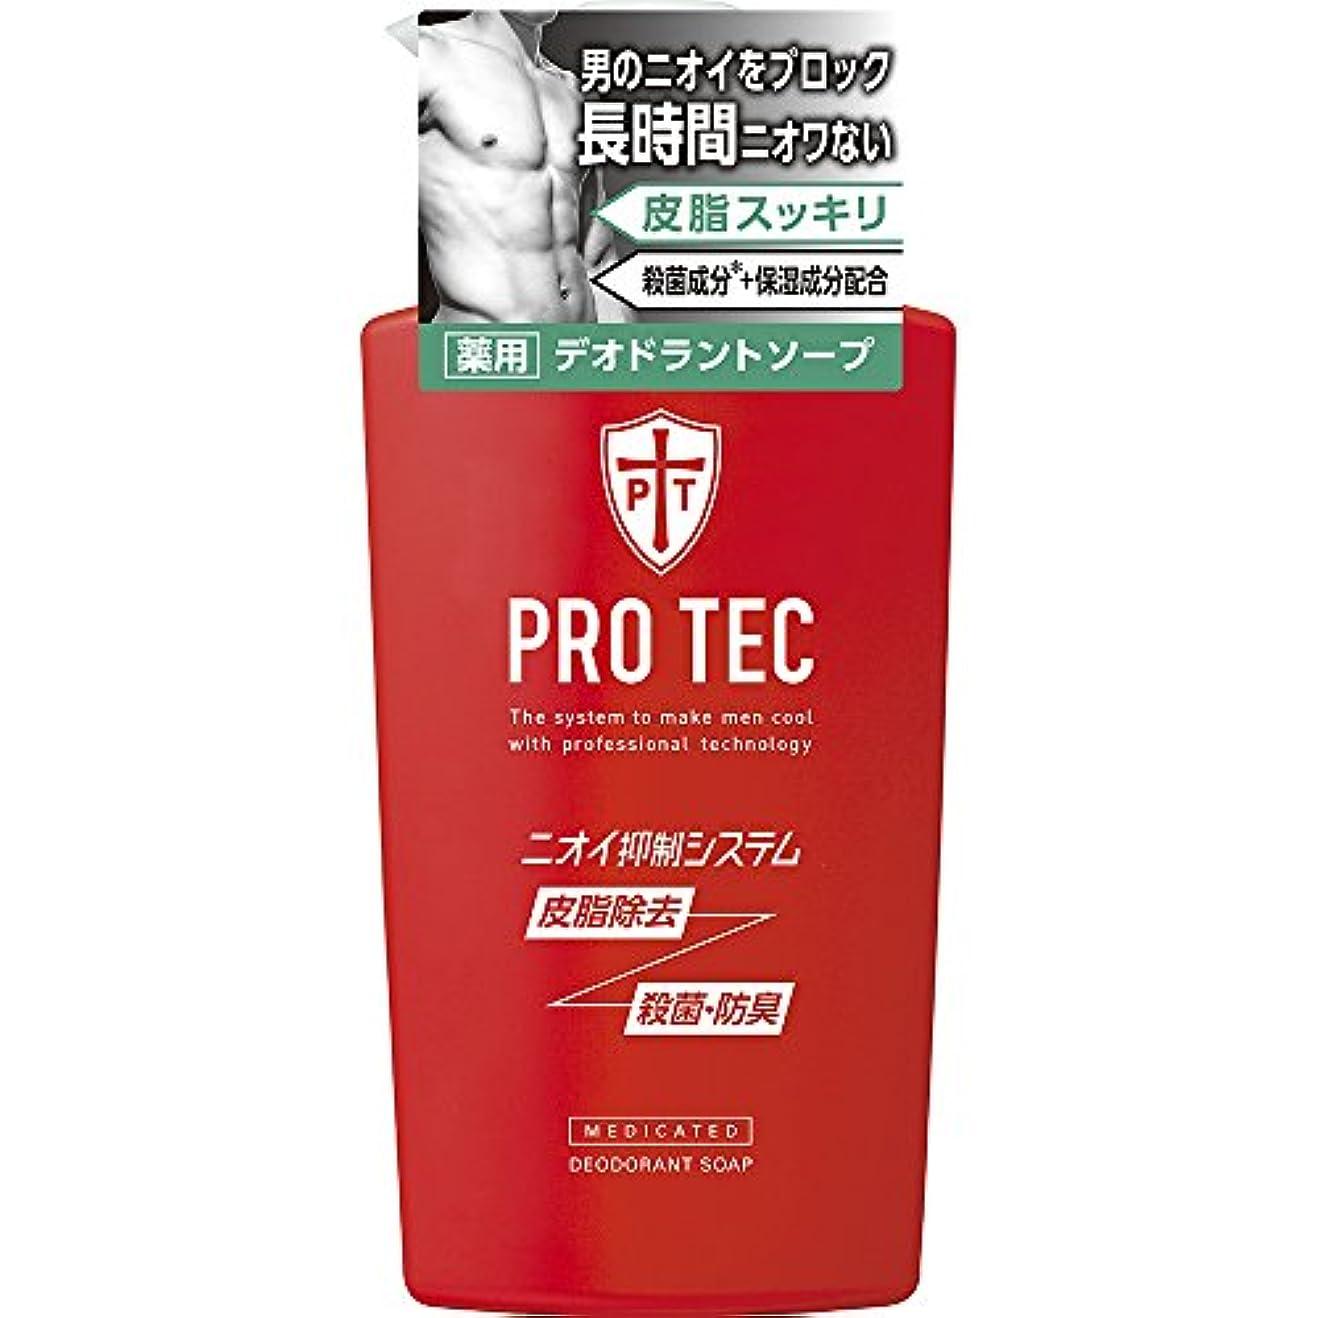 経験実験をする特派員PRO TEC(プロテク) デオドラントソープ 本体ポンプ 420ml